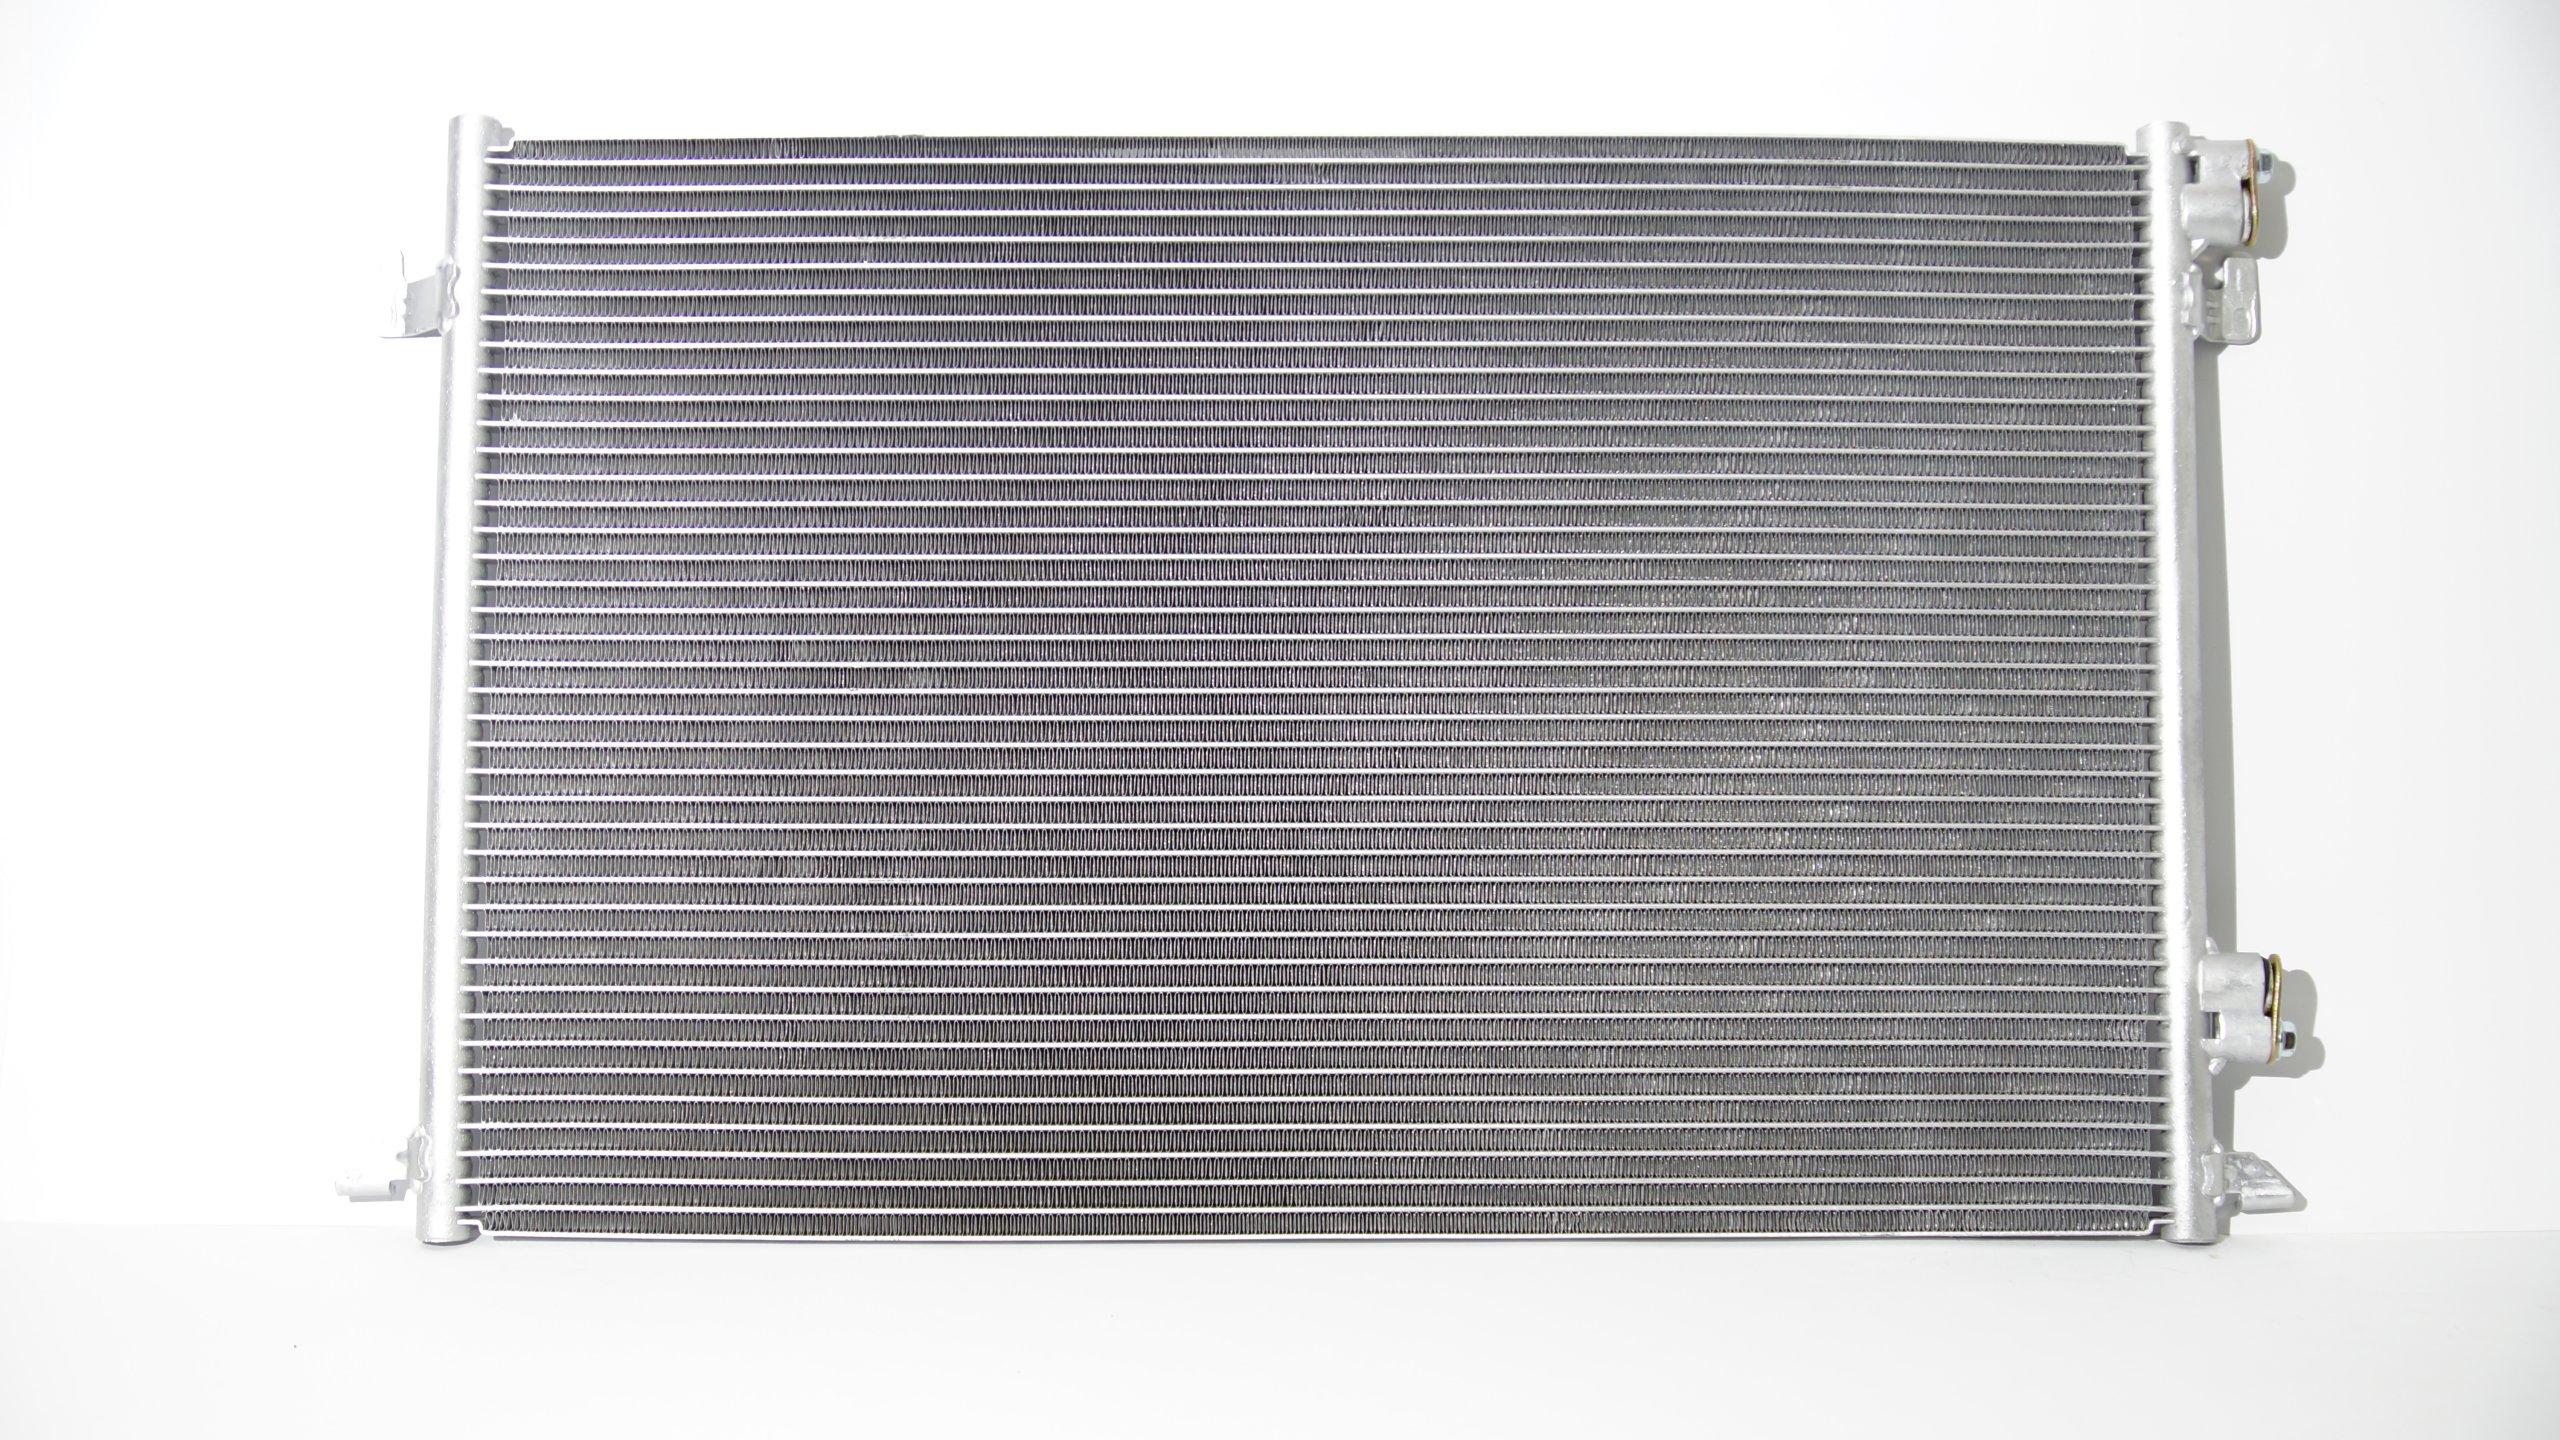 радиатор кондиционирования воздуха opel vectra c 19 cdti новая